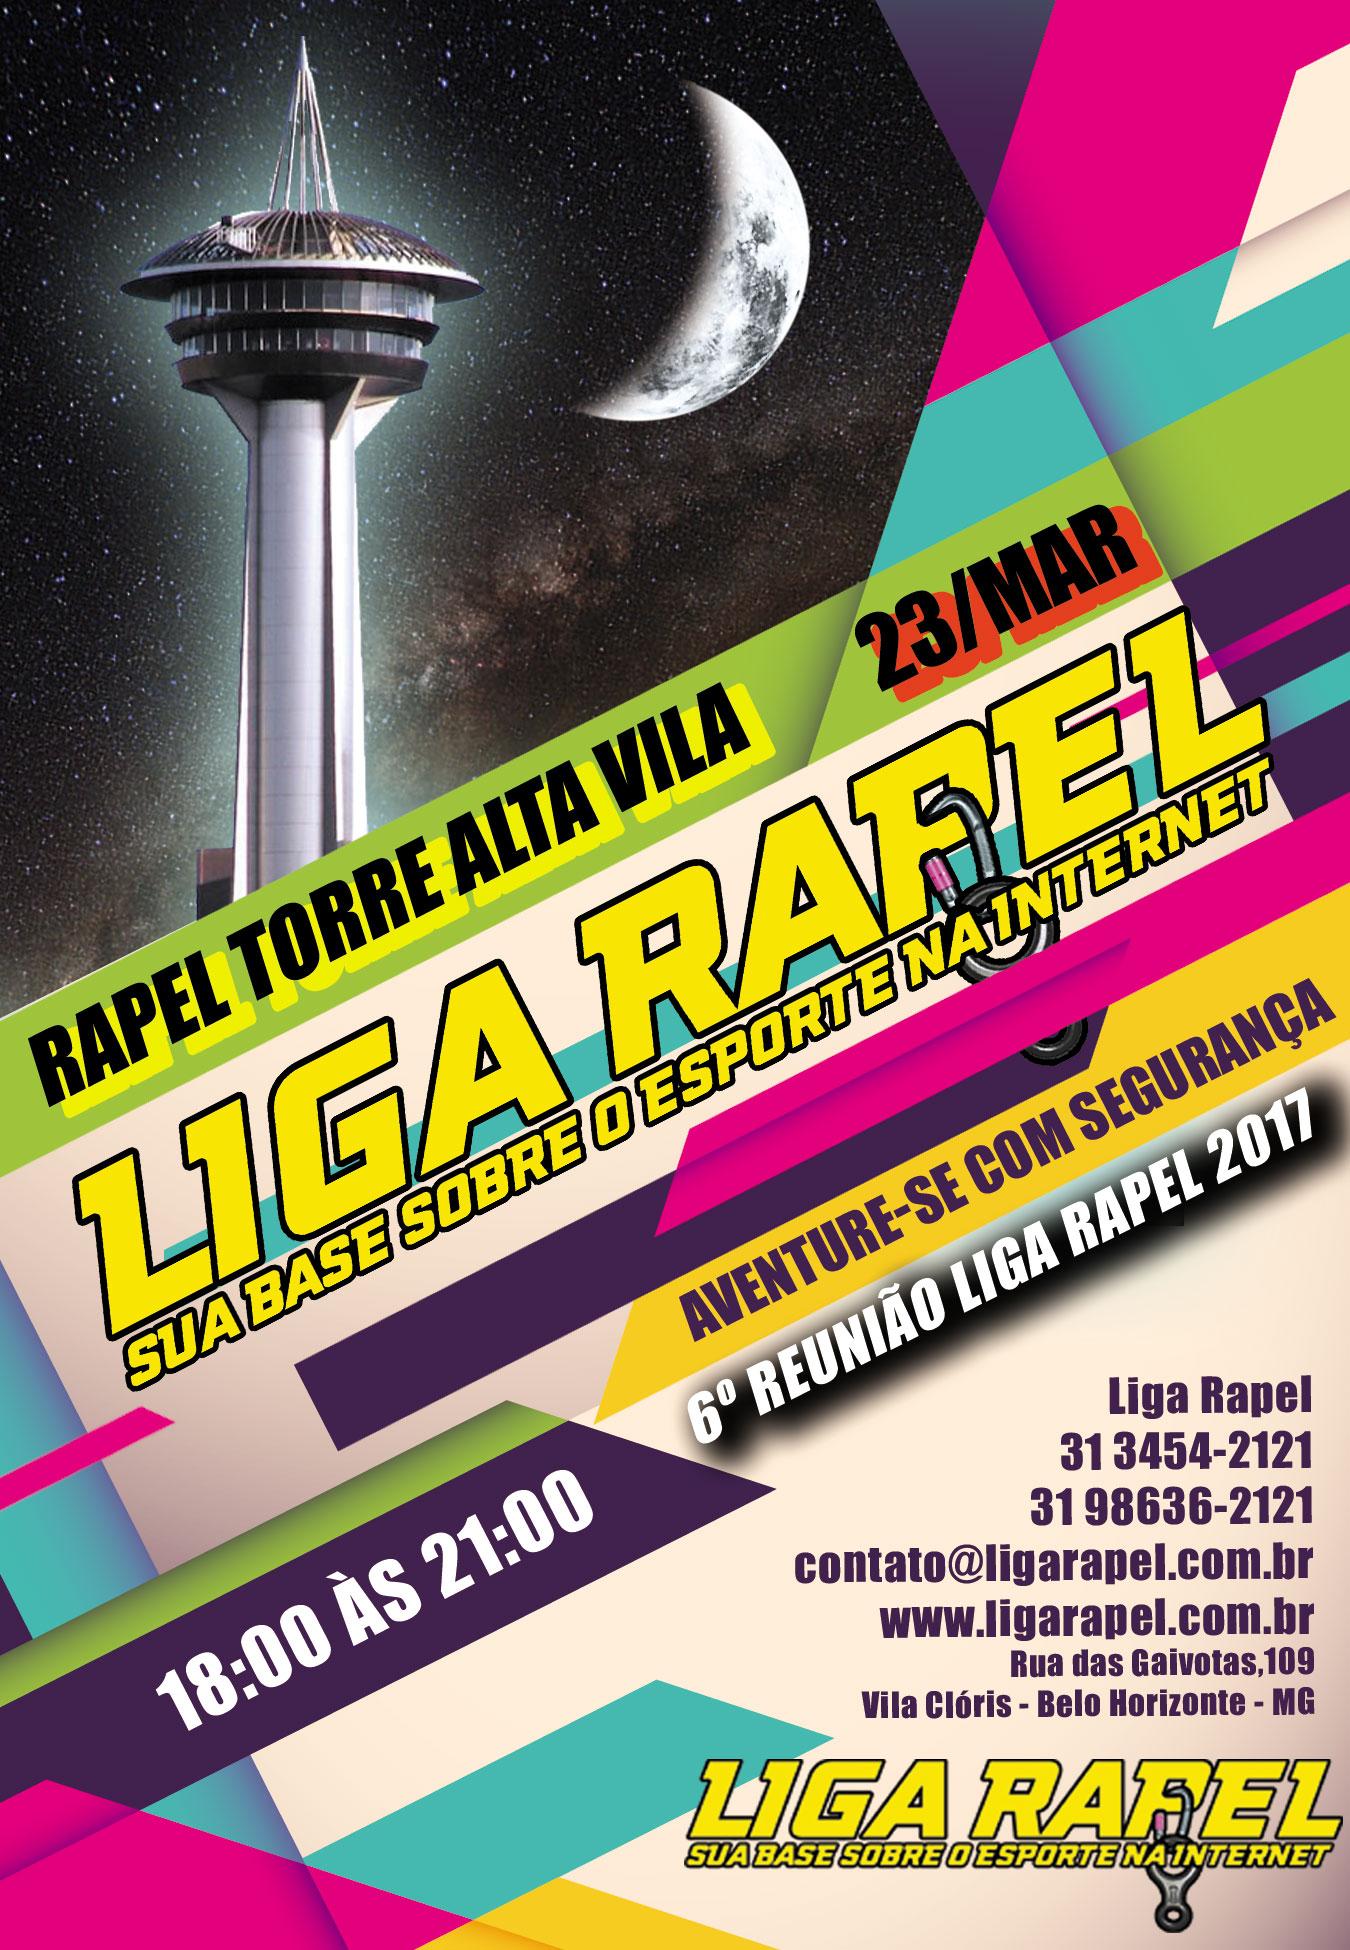 6º Reunião Liga Rapel – 2017 – Torre Alta Vila – Nova Lima – MG (Inscrições esgotadas)